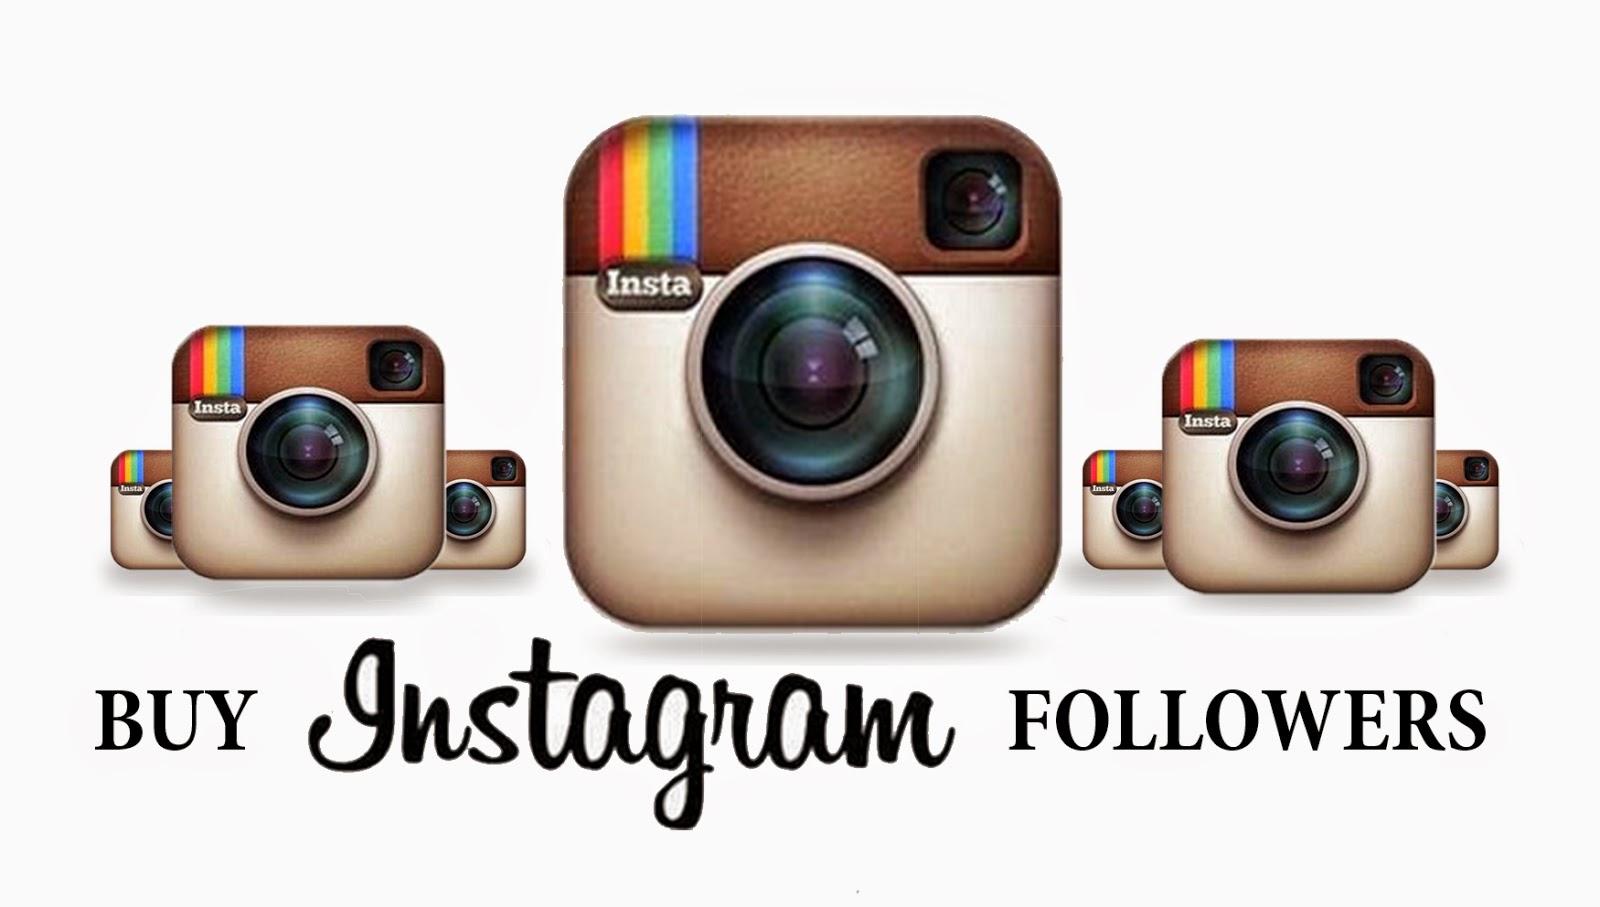 Jual Followers Instagram Murah